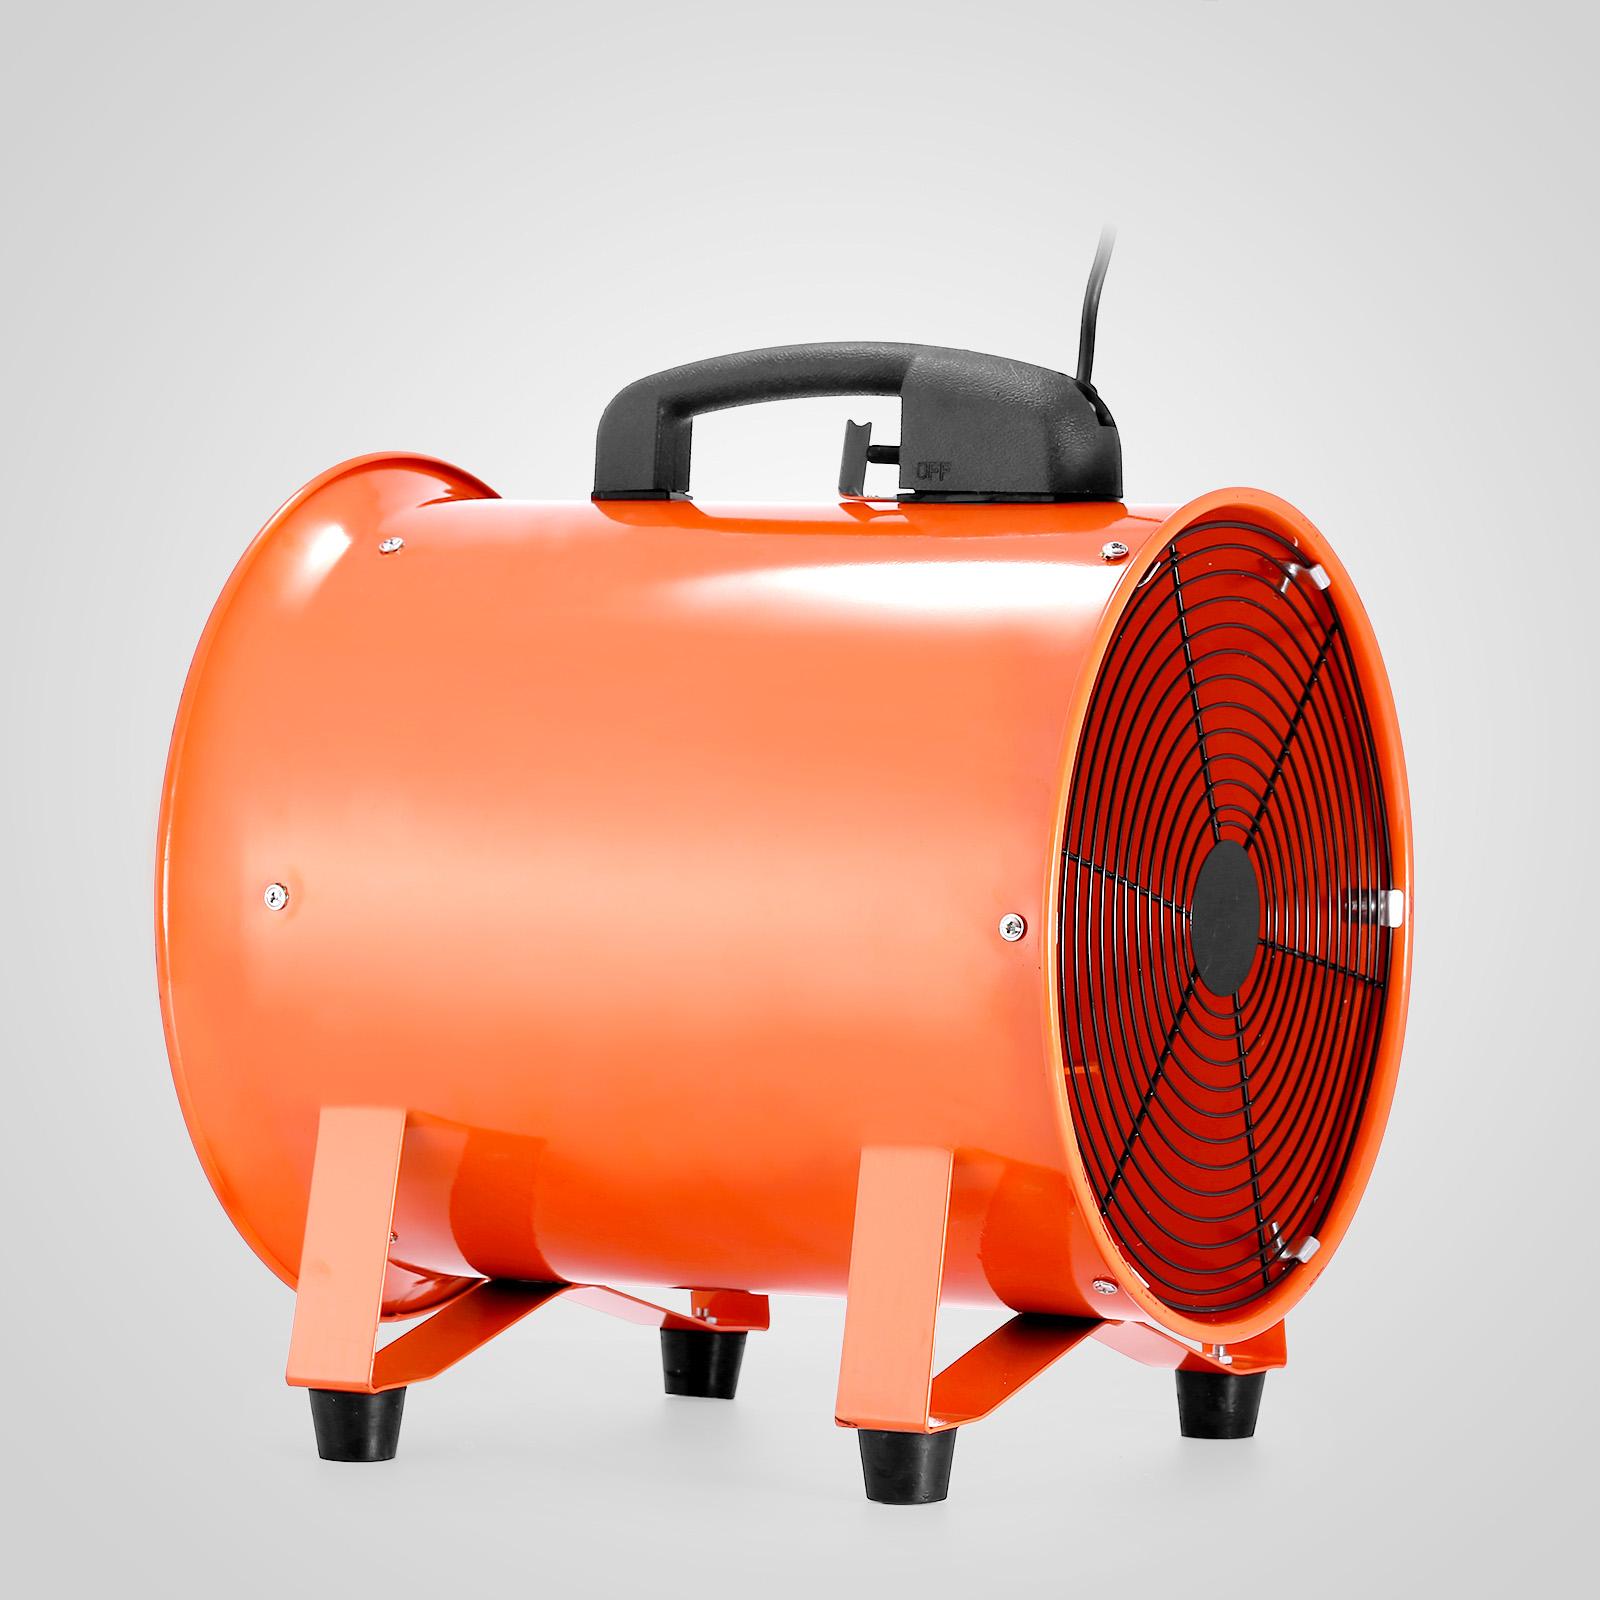 Blower Fan With Hose : Mm industrial ventilator fan blower m duct hose